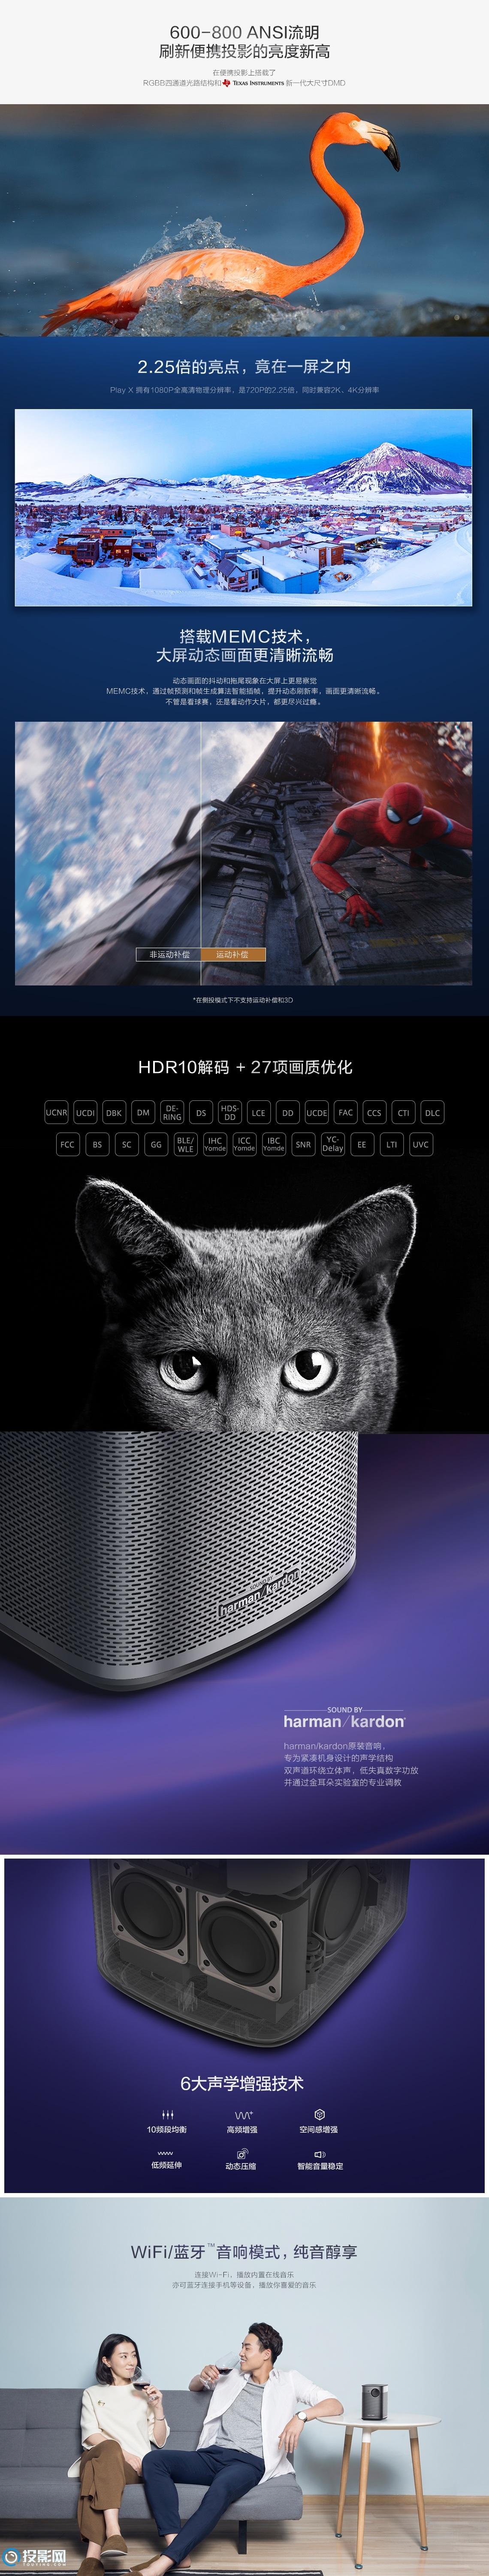 极米PLAY X智能无屏电视,比想象中更出色!